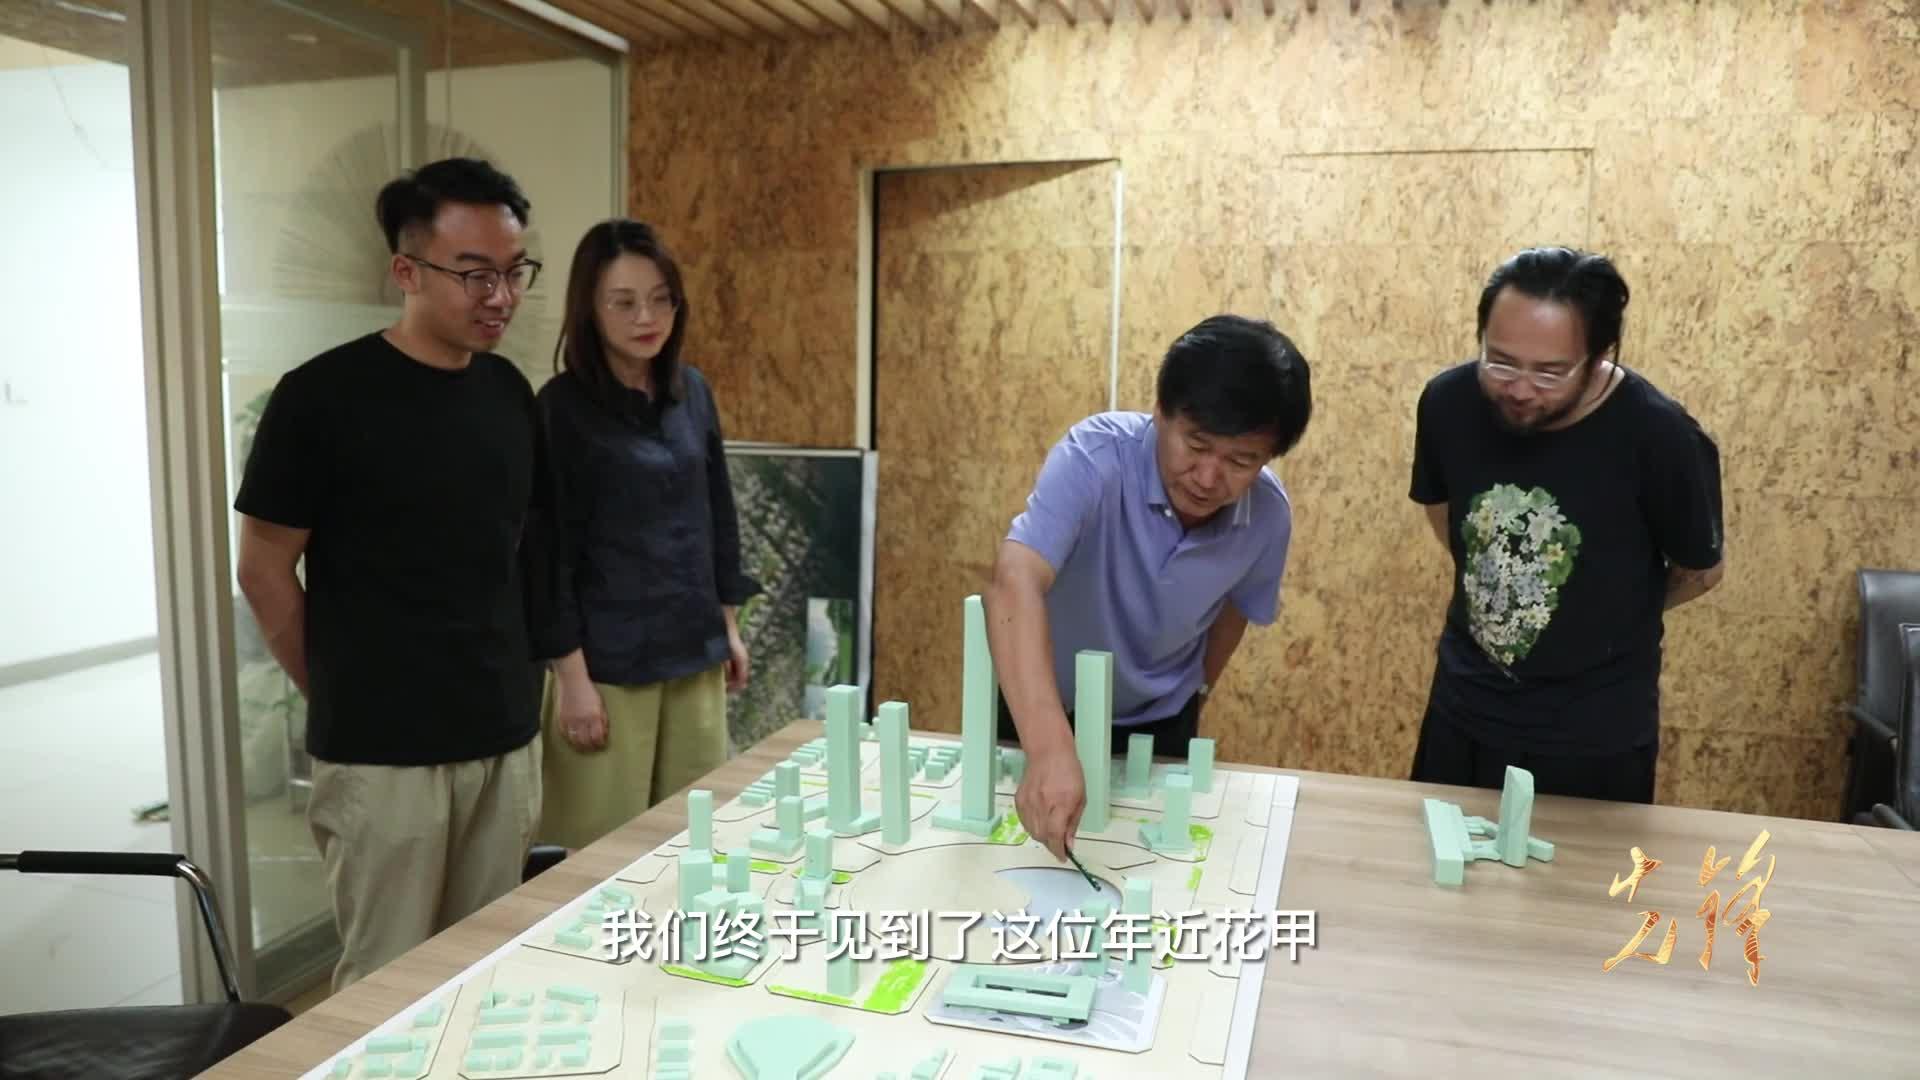 《先锋》赵元超:行走在西部的建筑大师